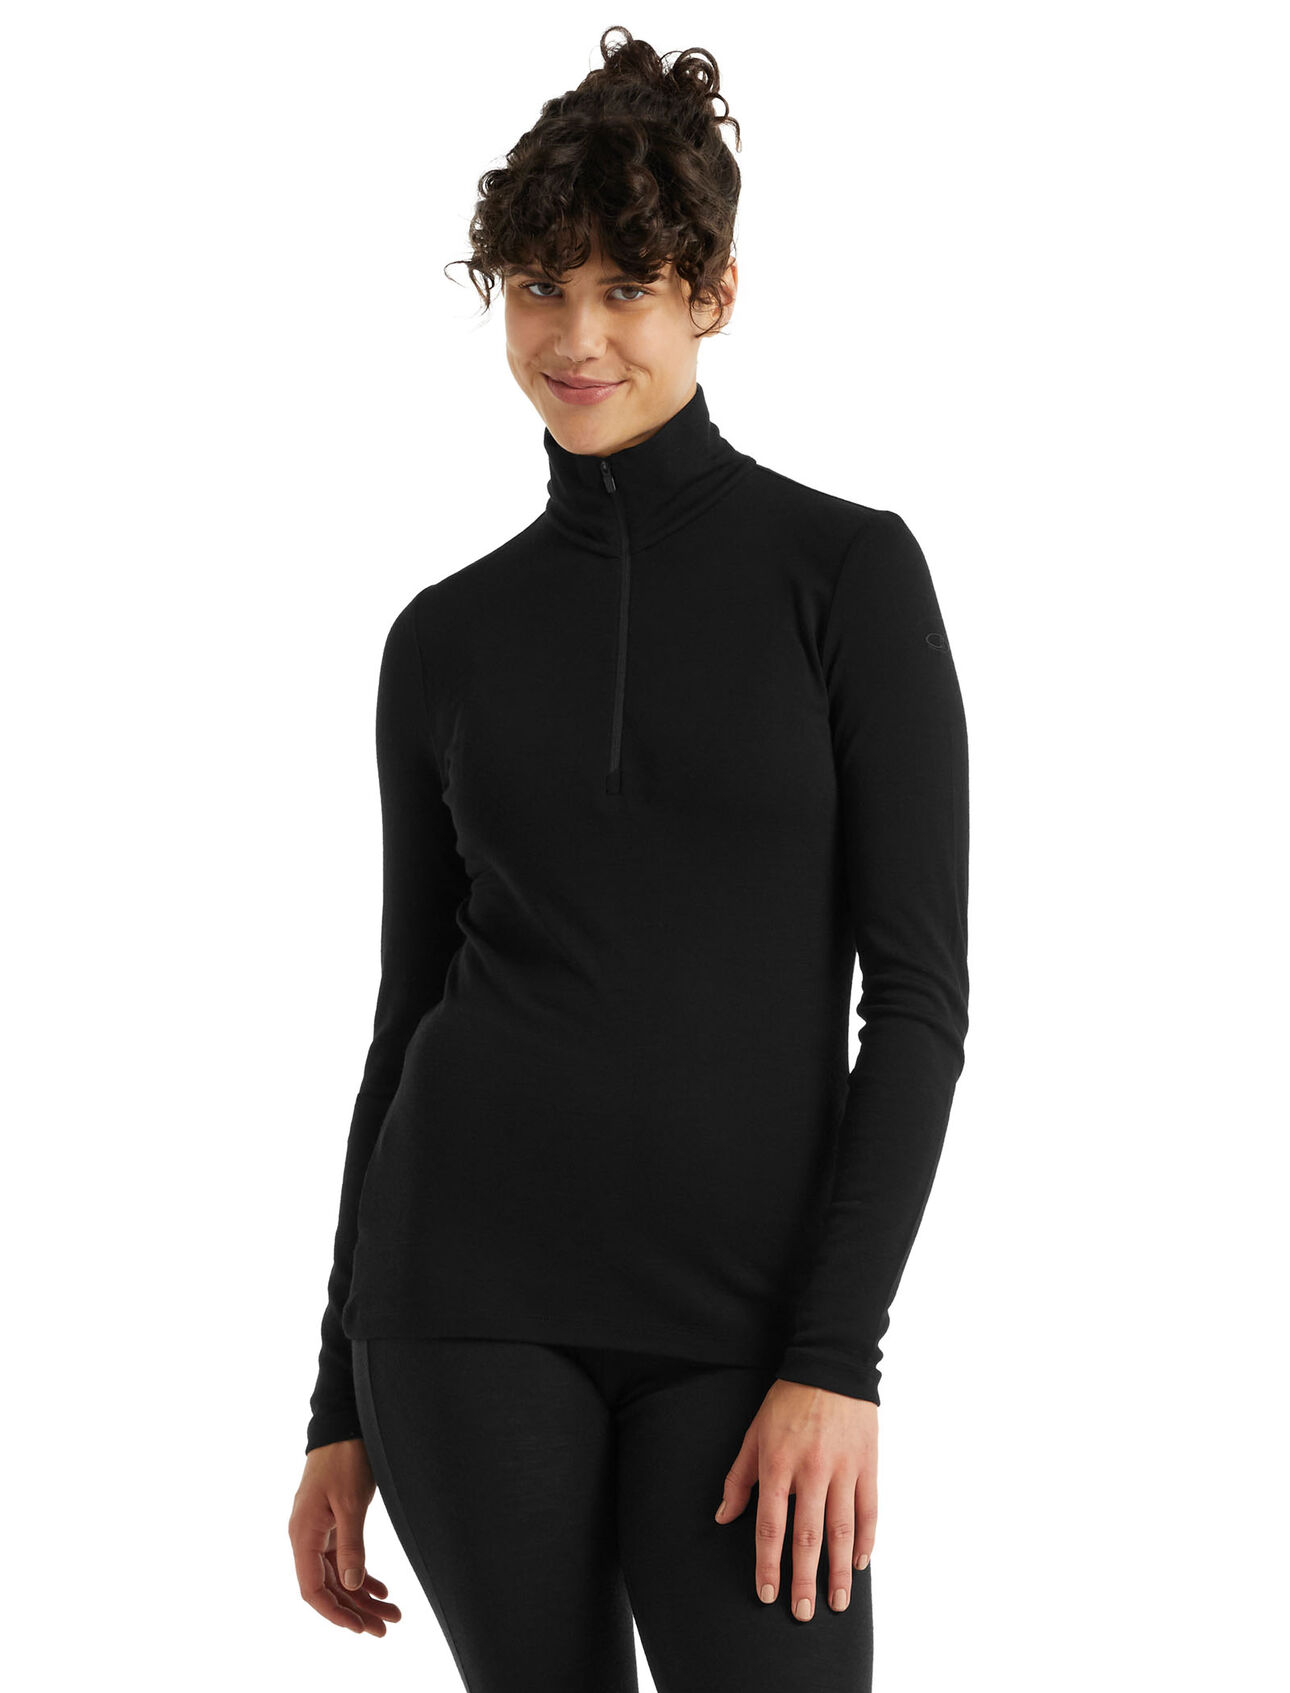 Merino 175 Everyday Long Sleeve Half Zip Thermal Top